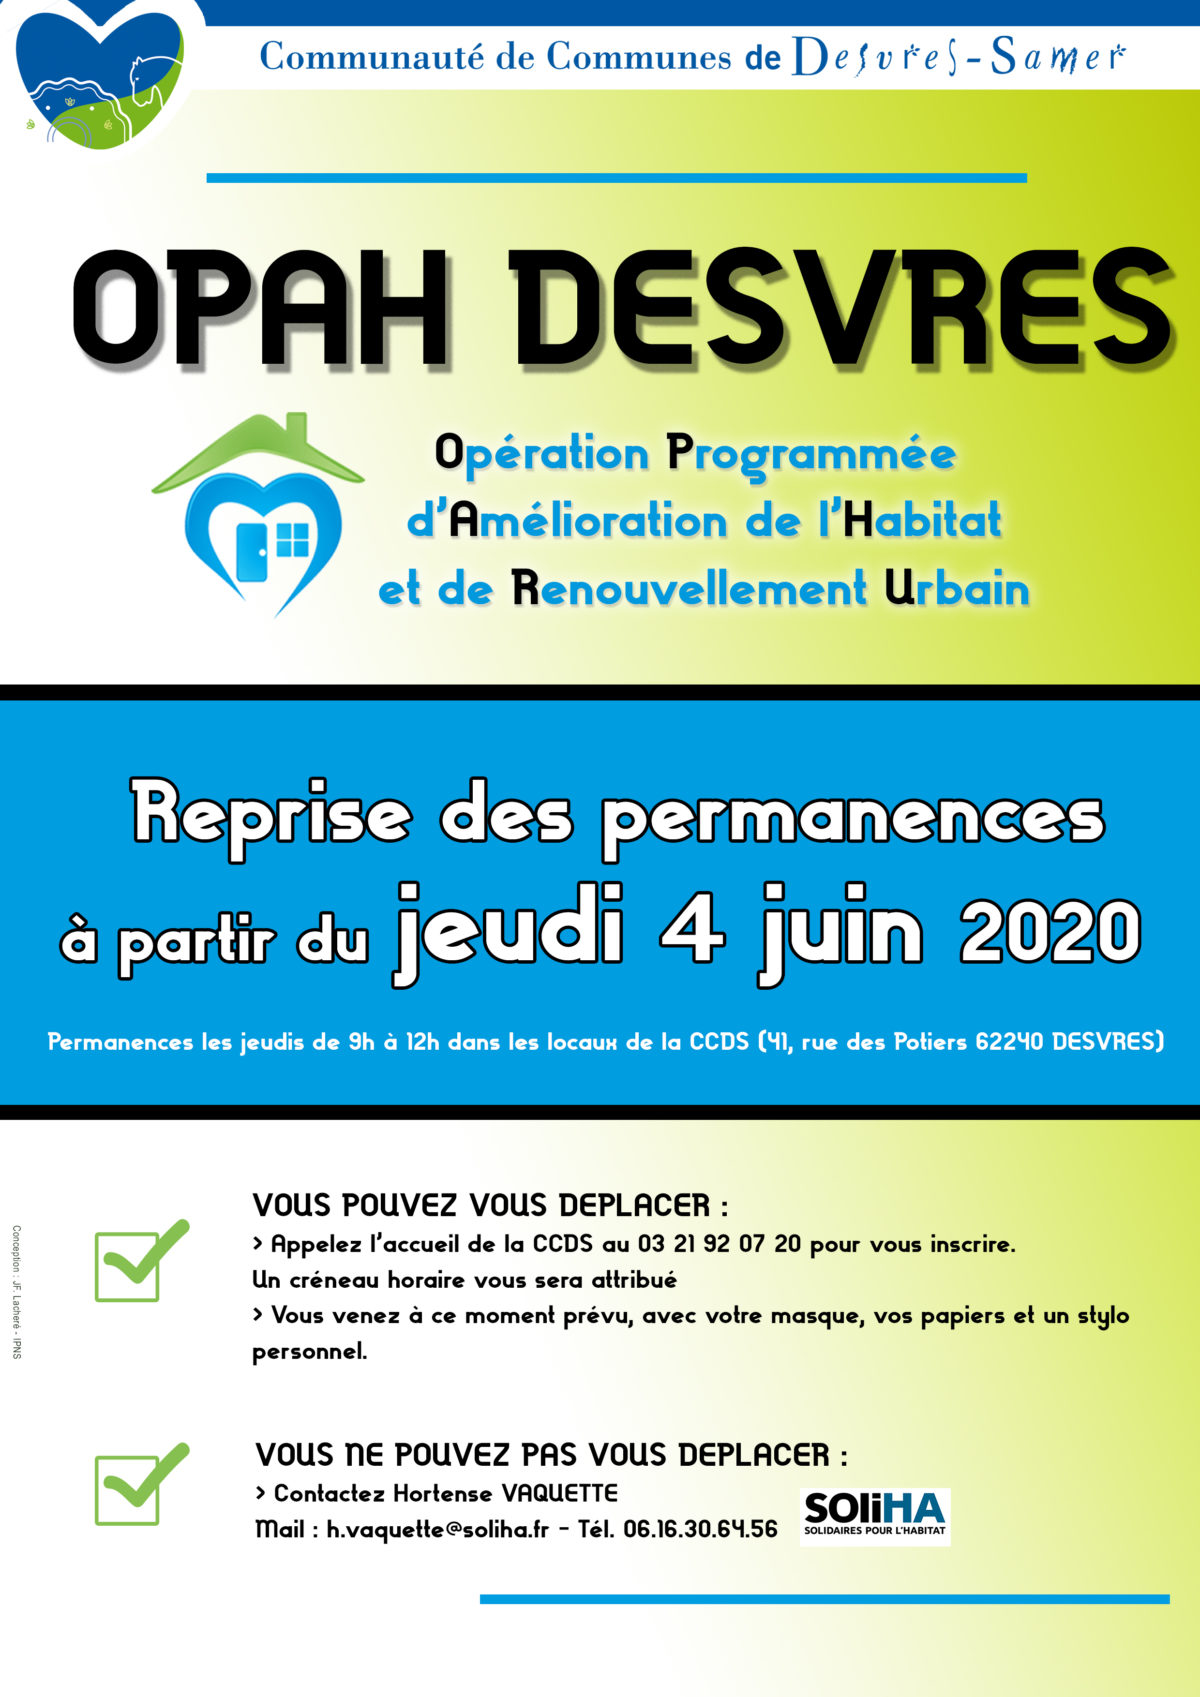 Reprise des permanences OPAH RU